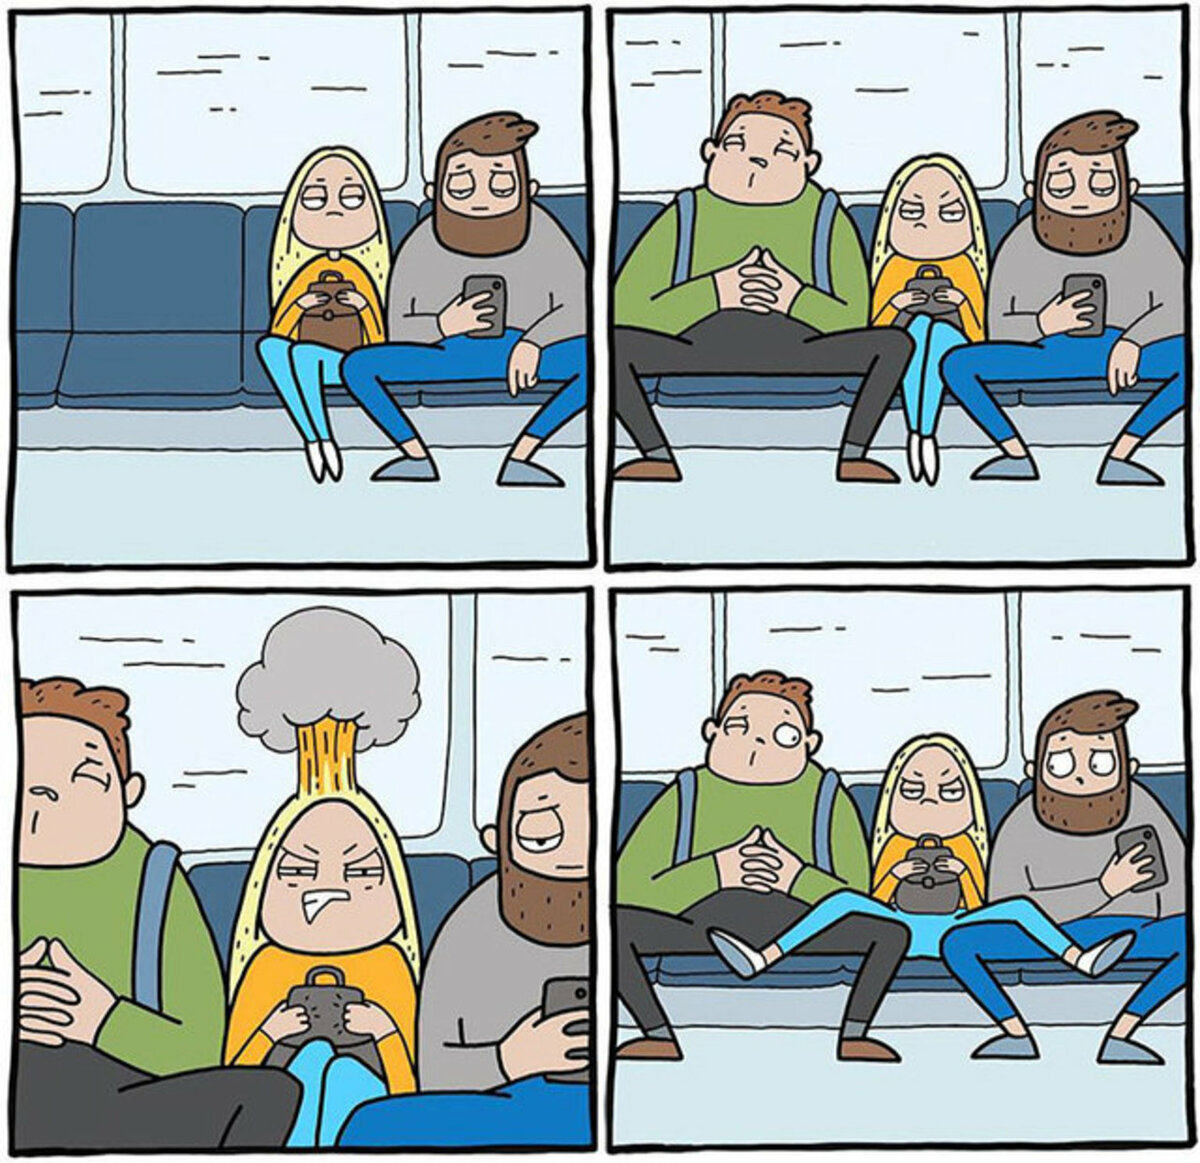 спросить картинки с смешными комиксами холодном